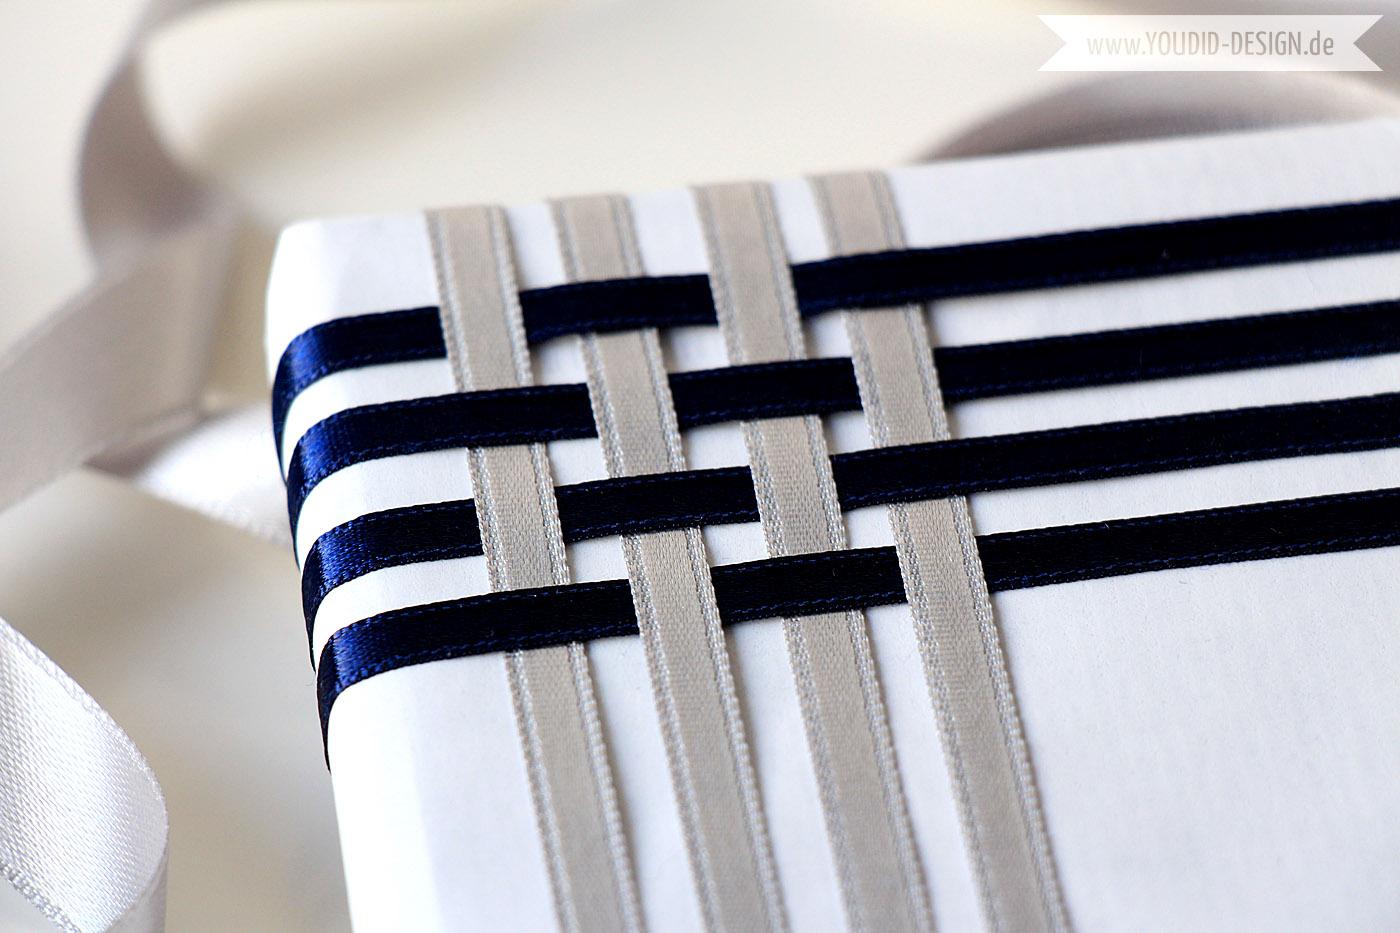 geschenke und karten mit geschenkband versch nern youdid design. Black Bedroom Furniture Sets. Home Design Ideas